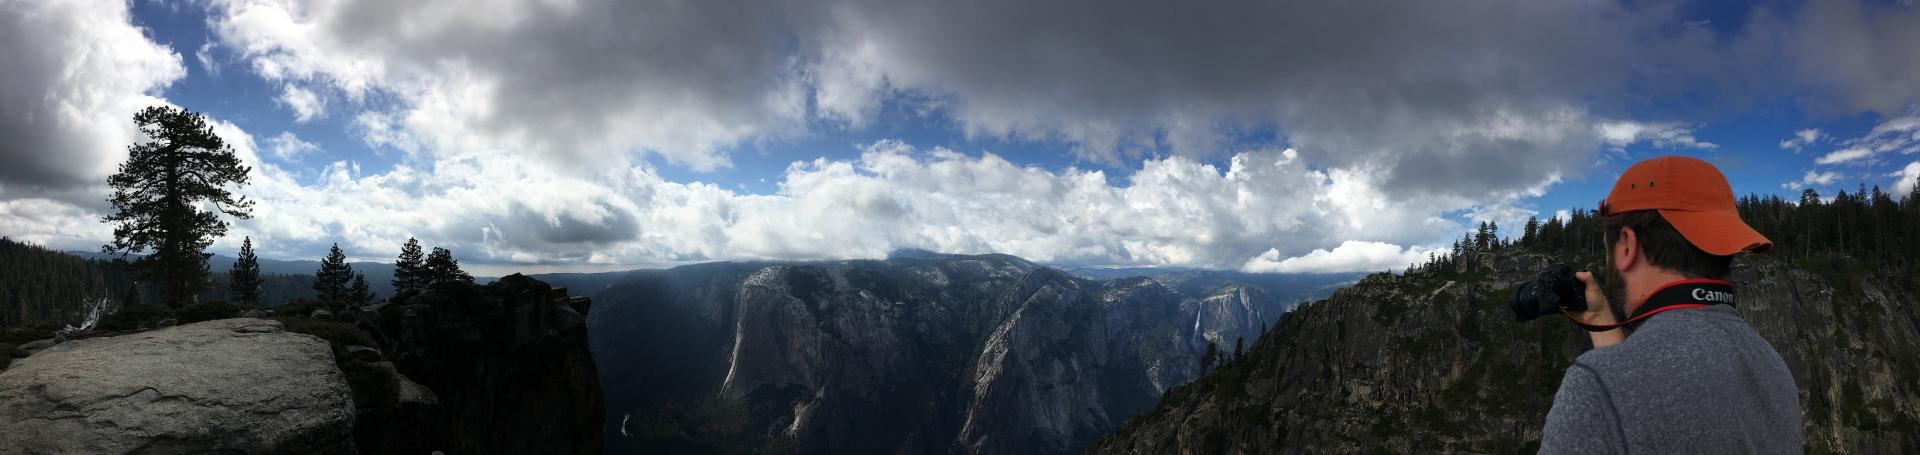 California2016-462